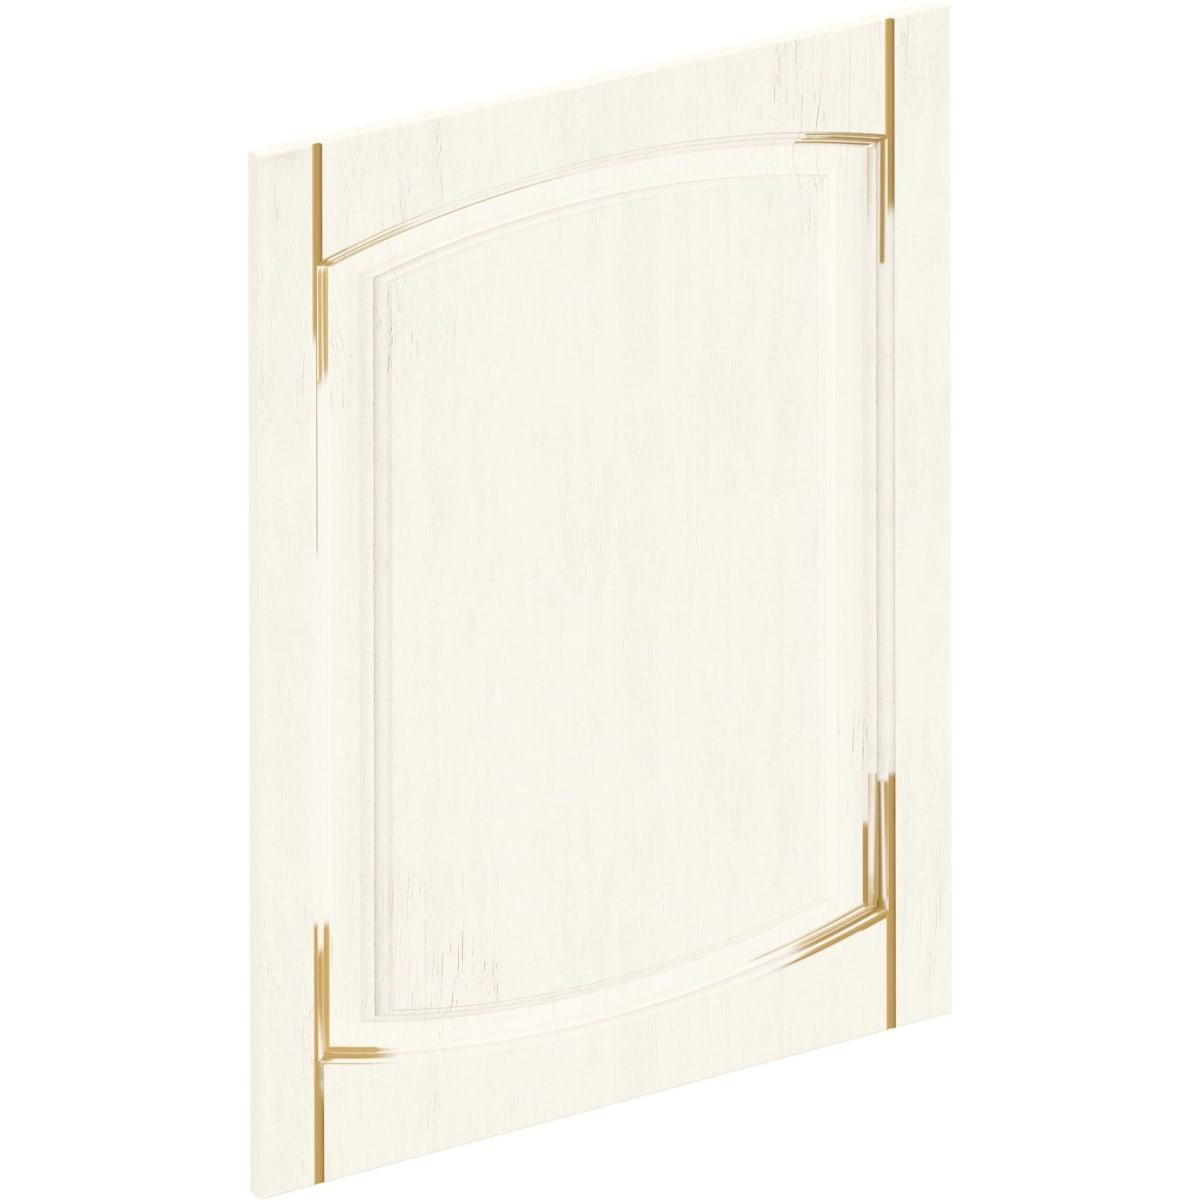 Дверь для шкафа Delinia ID «Петергоф» 60x77 см, МДФ, цвет бежевый